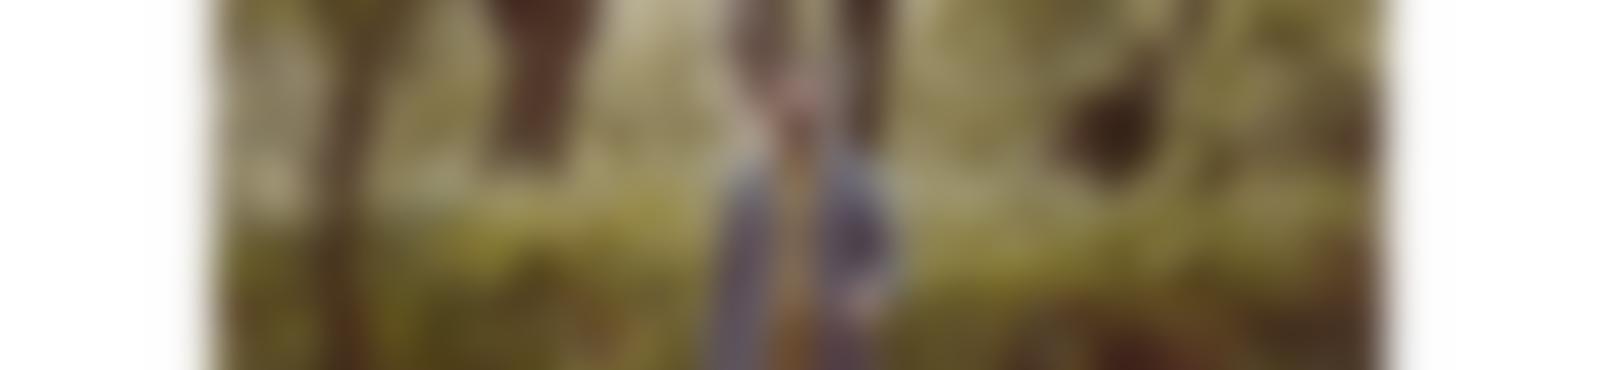 Blurred a05d1fab 16f4 408e b12c 3b215f10c414